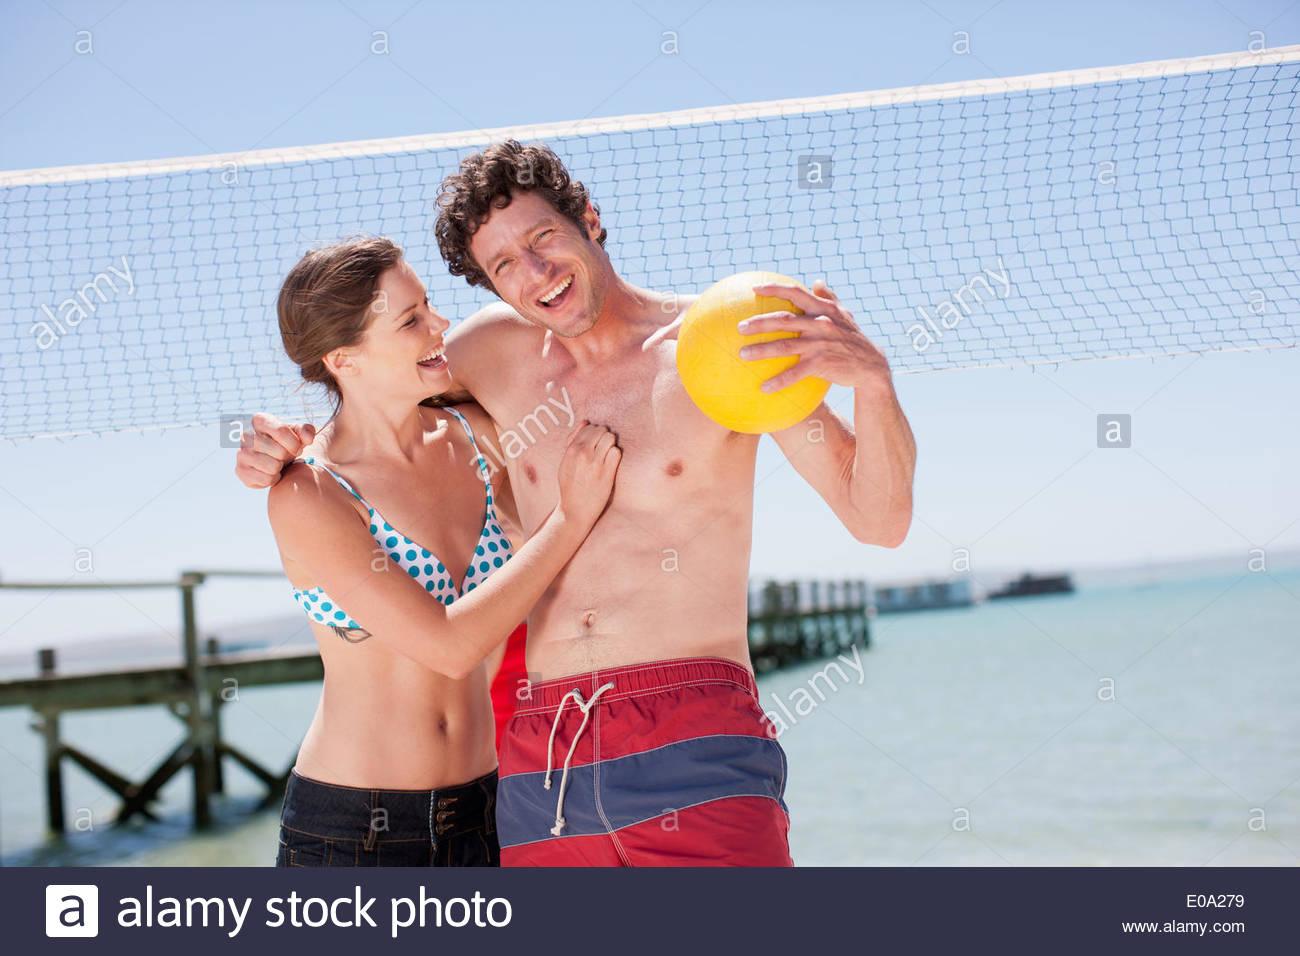 Amigos jugando voleibol en la playa Imagen De Stock